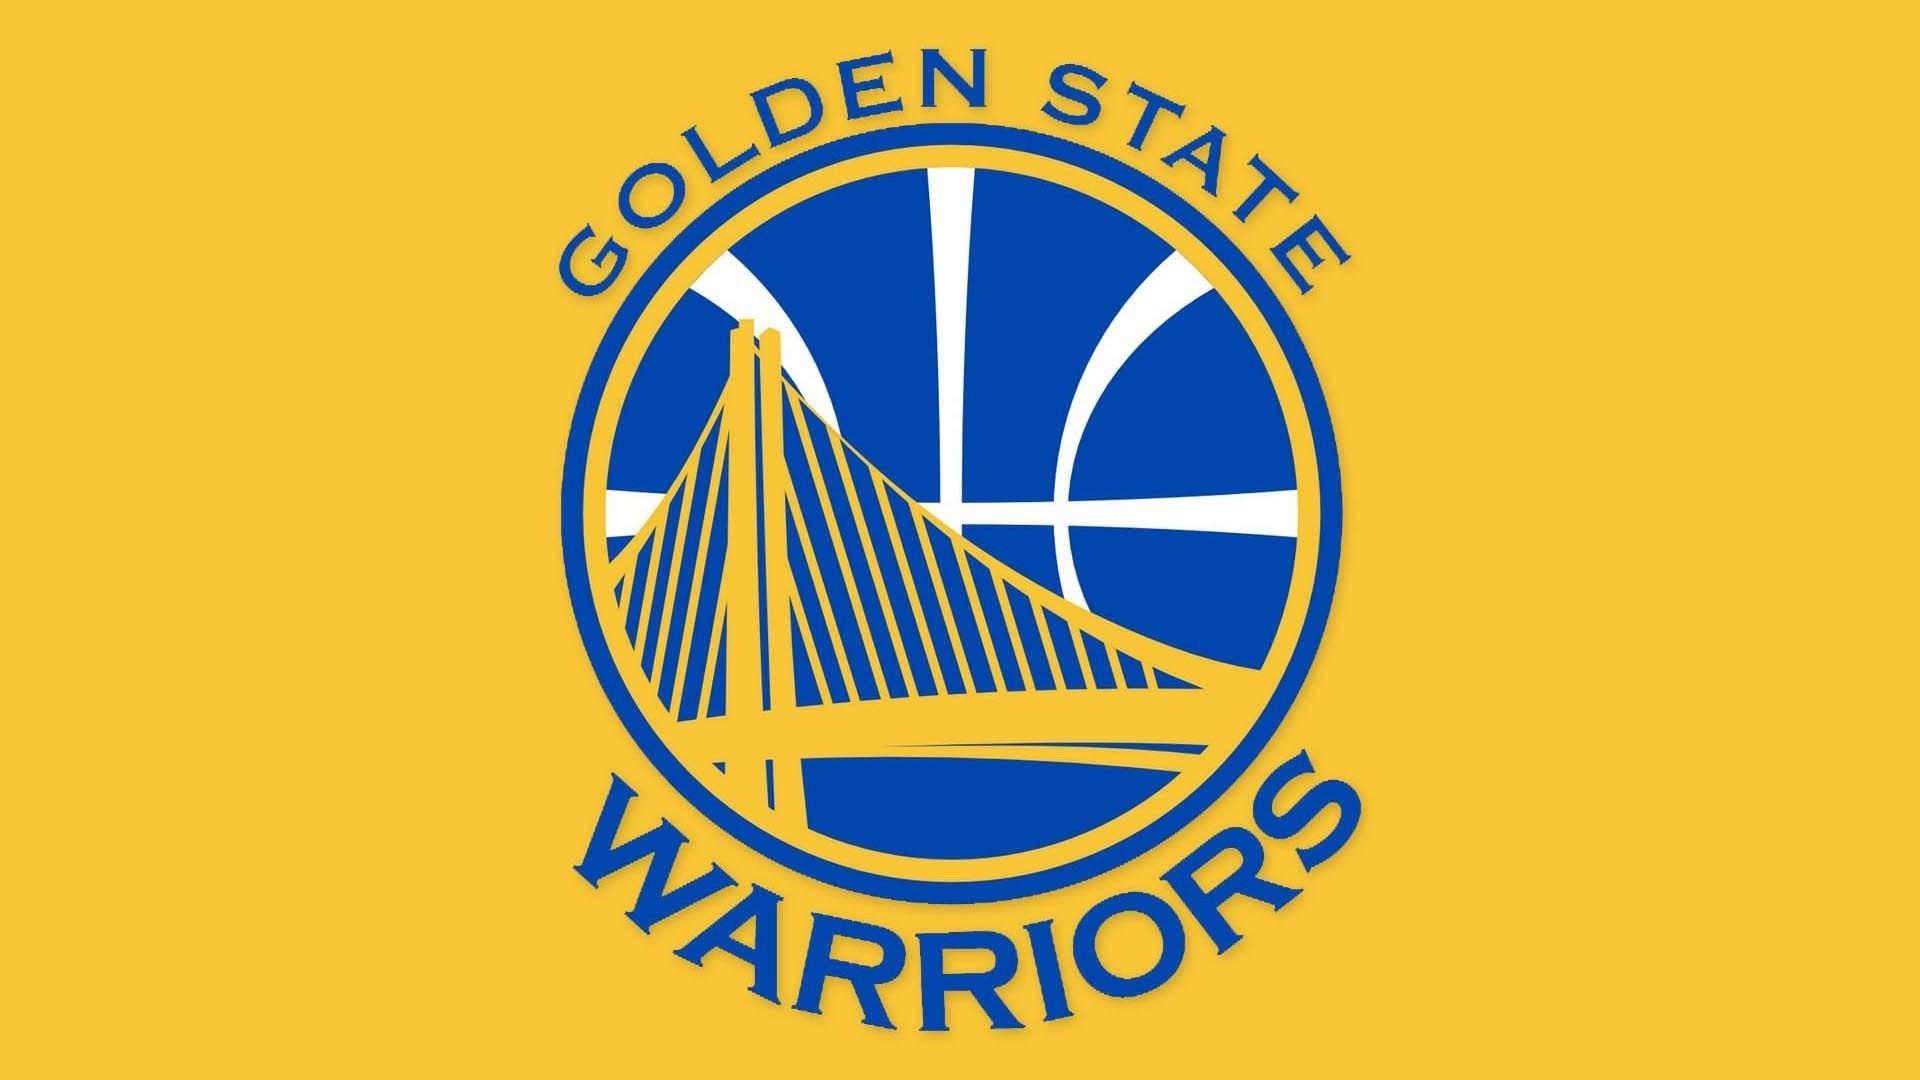 Golden State Warriors Wallpaper theme